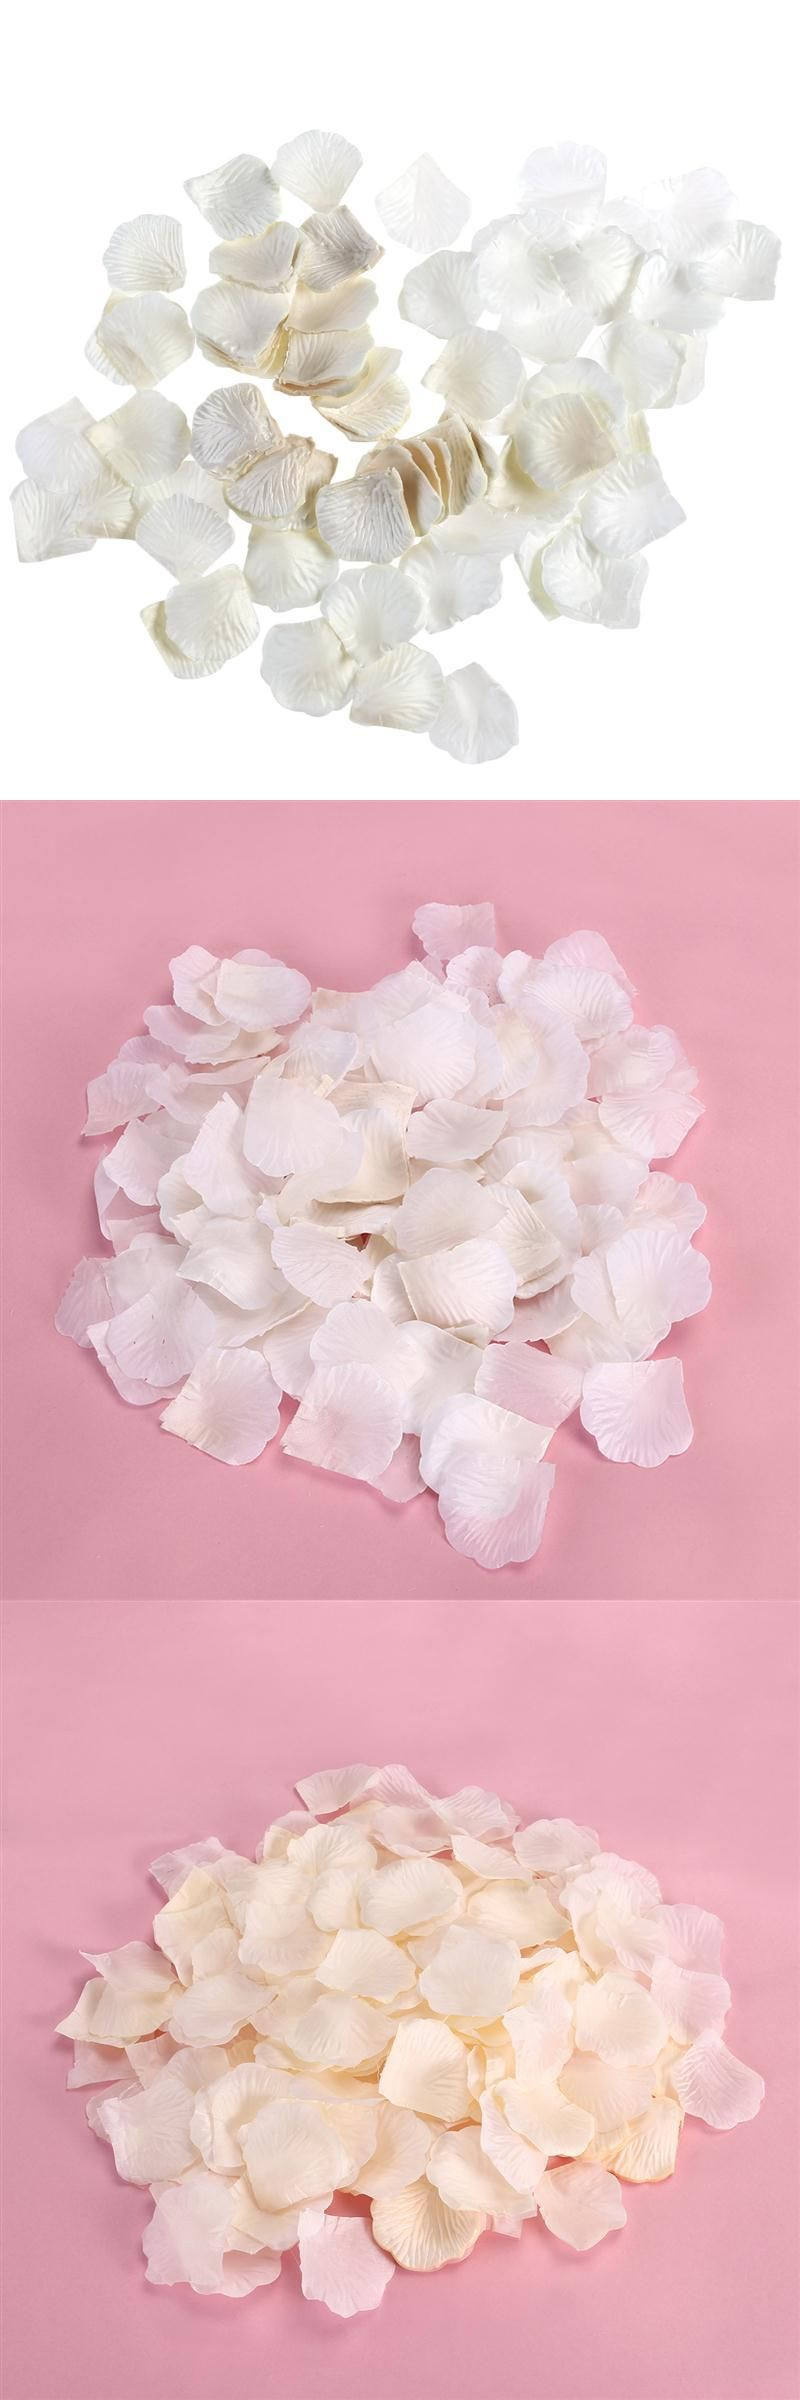 1000pcs romantic artificial silk rose petals proposal